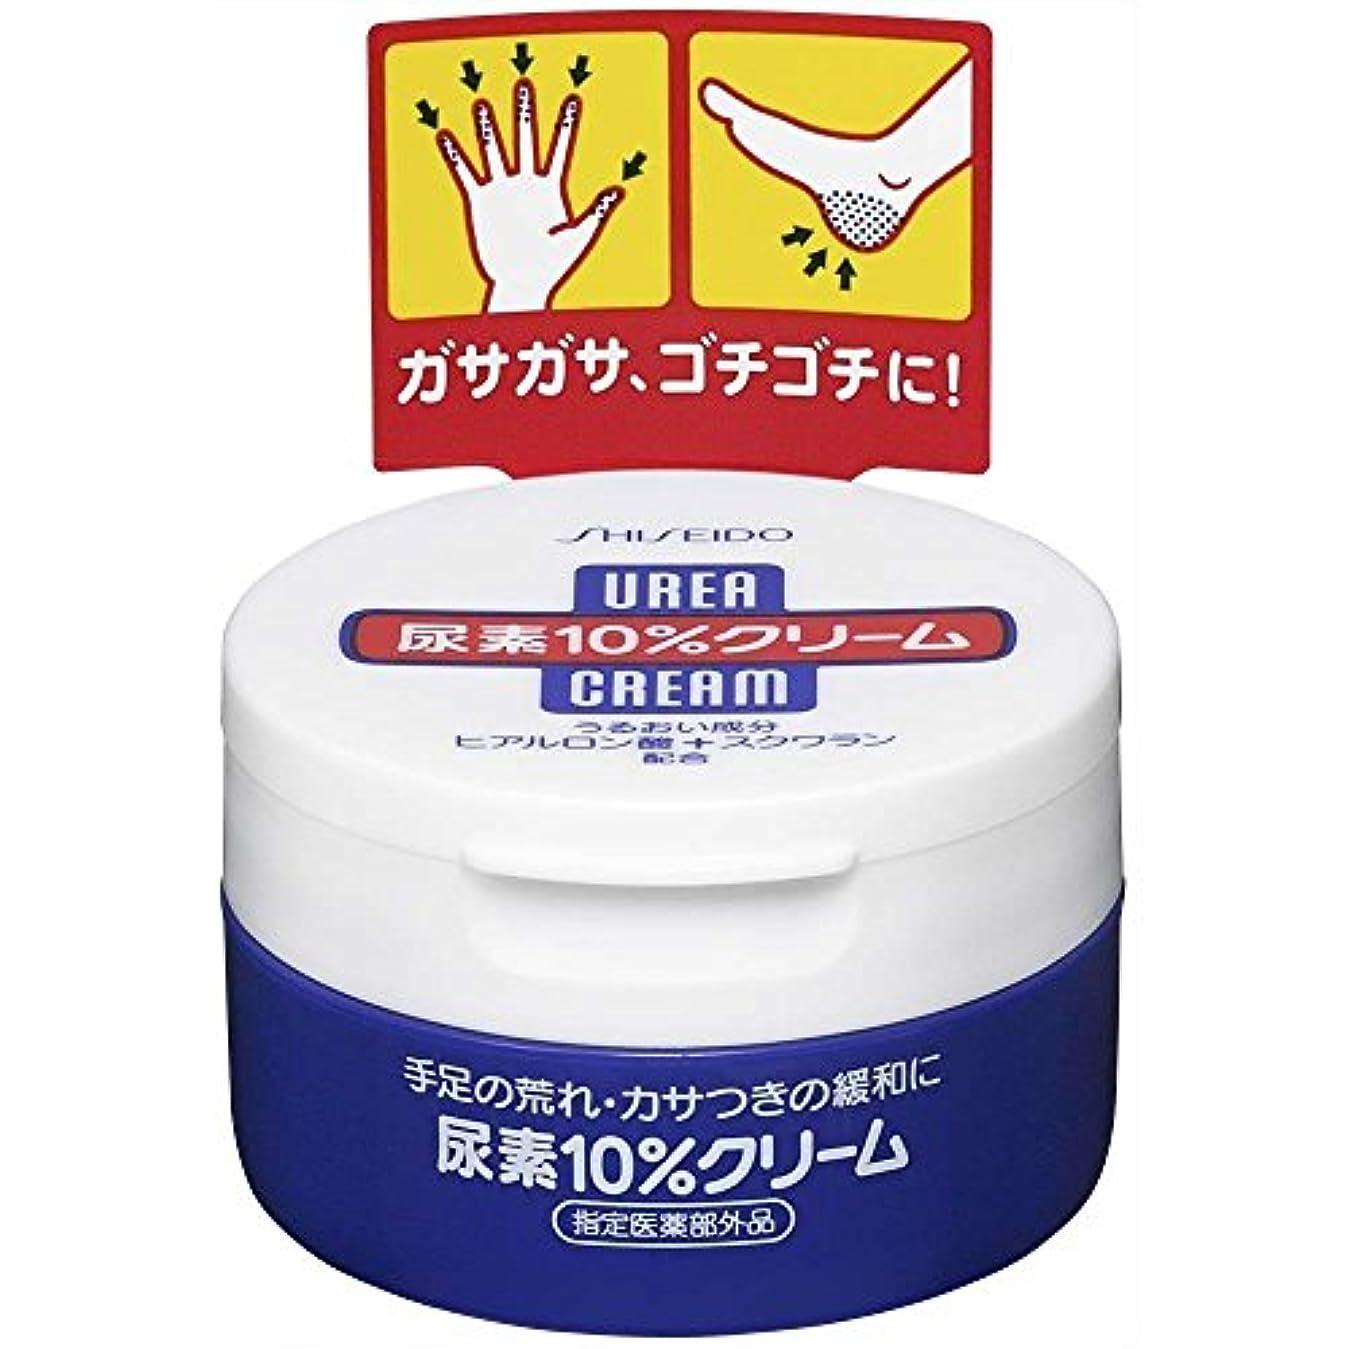 外向き市民権離れて資生堂 尿素10%クリーム 100g(医薬部外品)